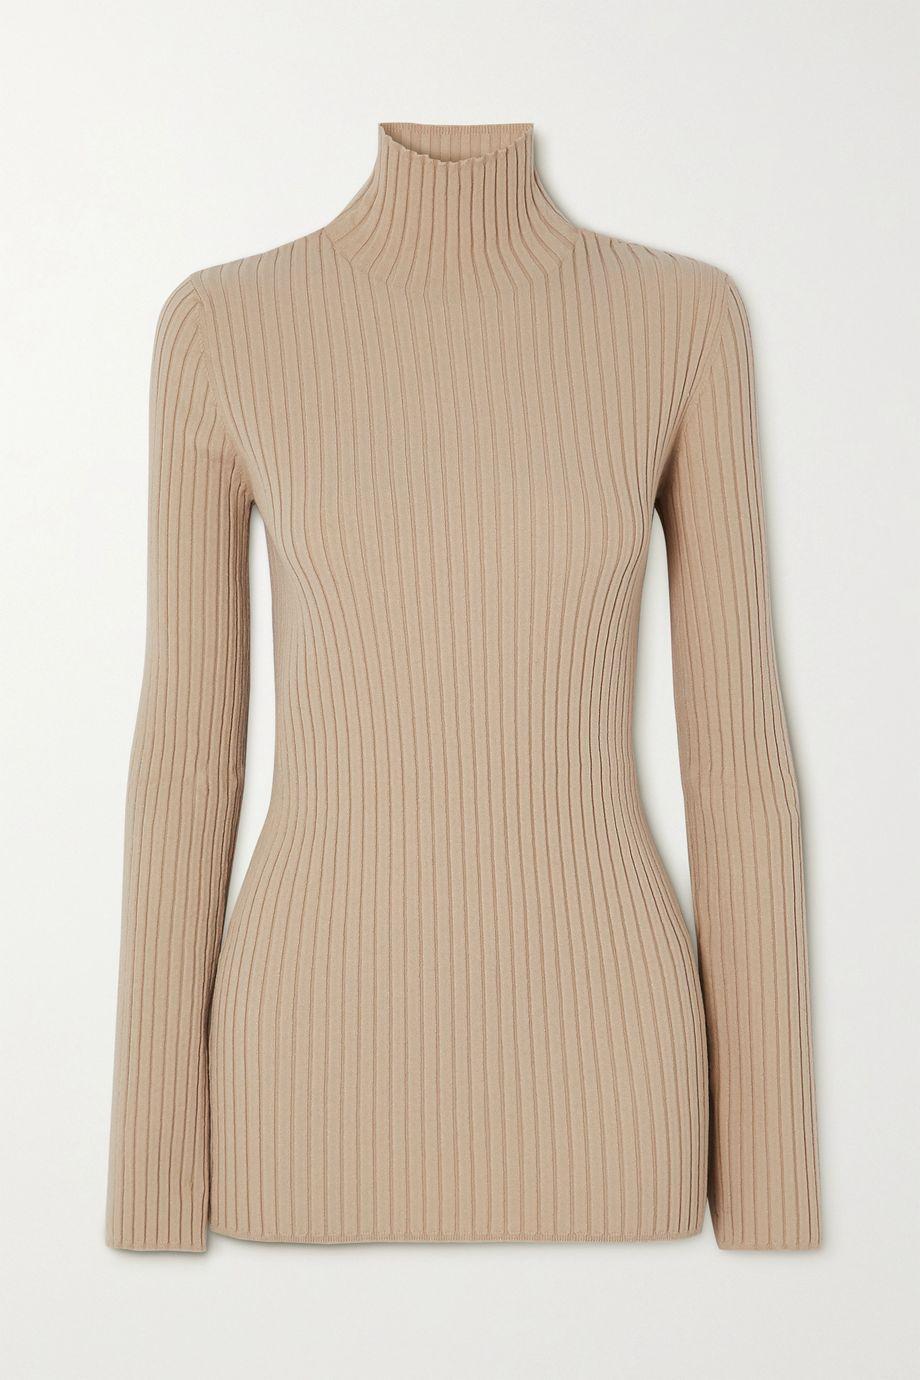 MM6 Maison Margiela Ribbed-knit turtleneck sweater